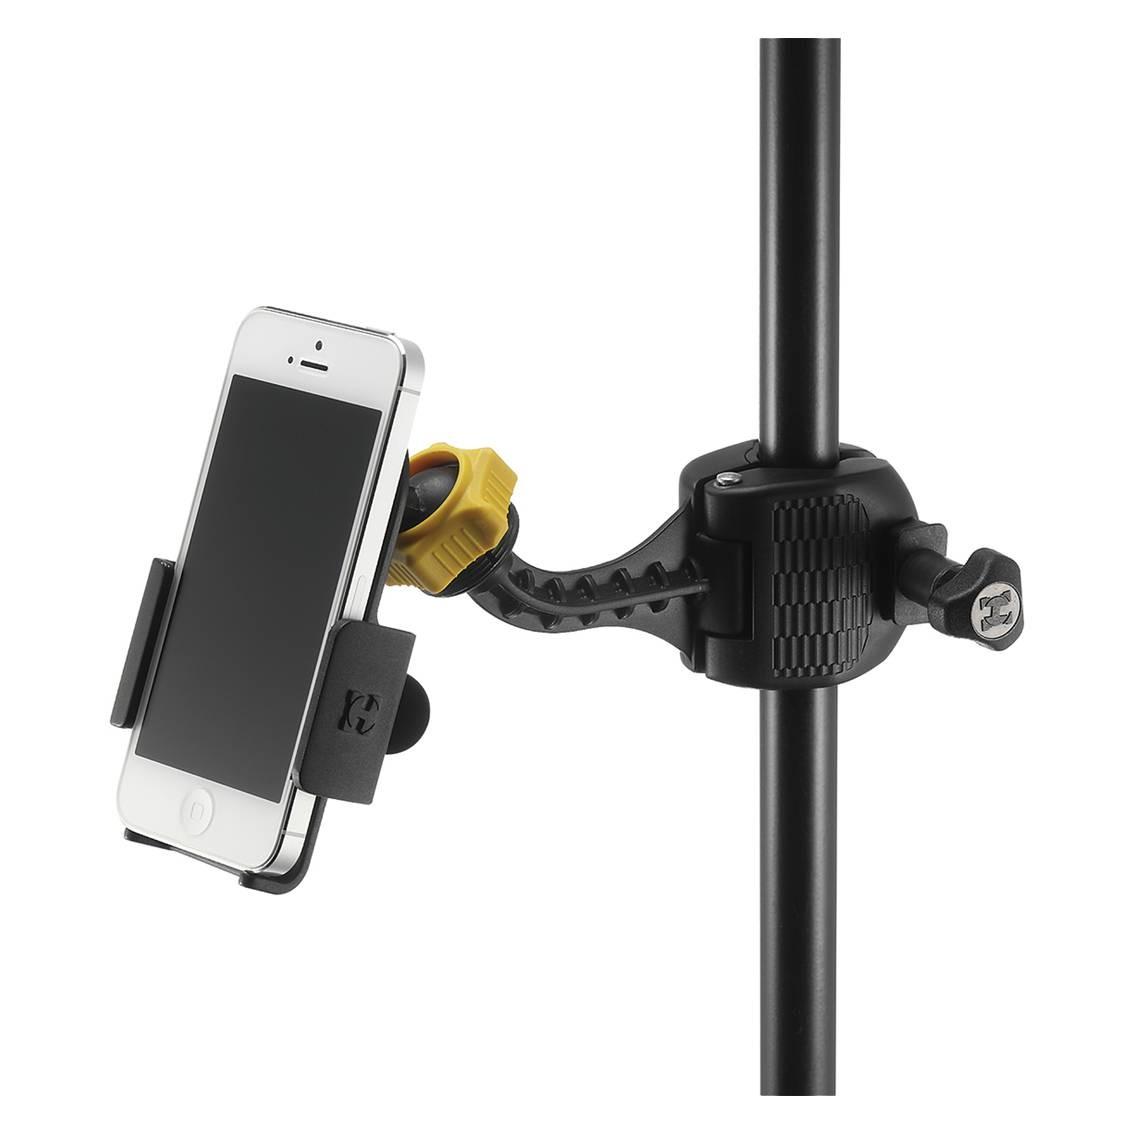 Foto2 - Suporte para Smartphone com Ajuste Variável e Trava Hercules DG200B